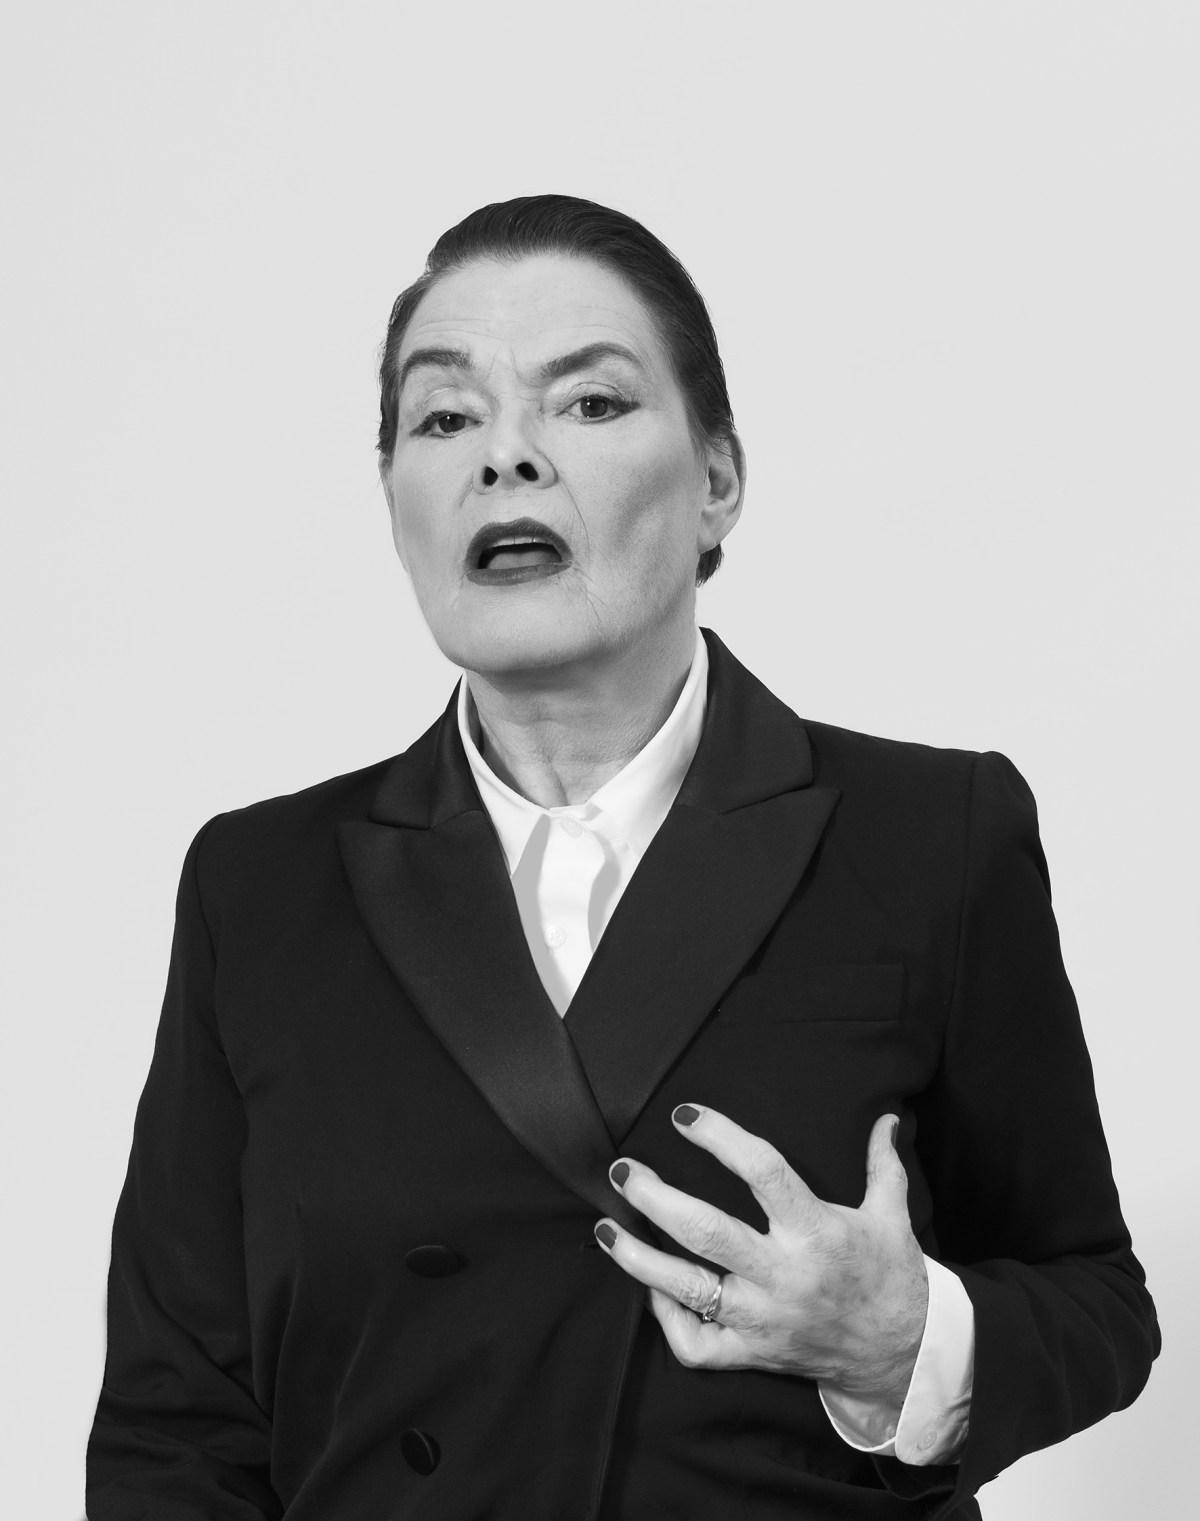 insta1 Volkskrant | Karina Holla - Peggy Kuiper - peggykuiper.com